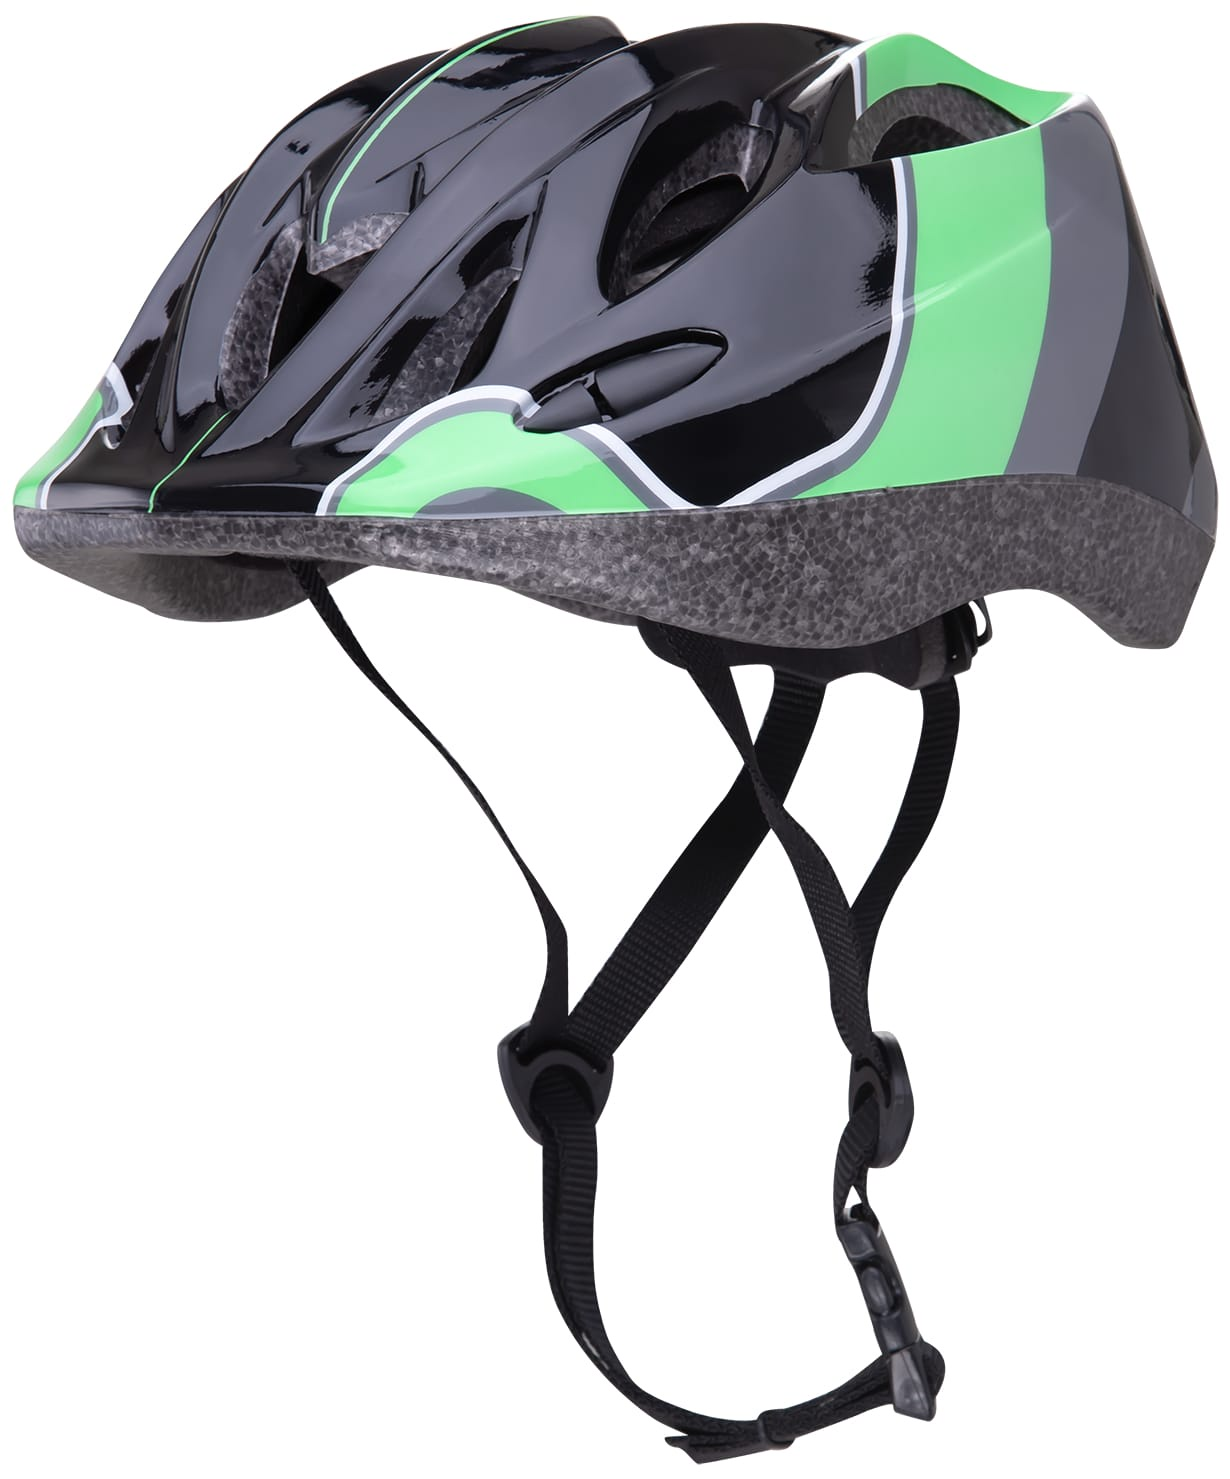 Шлем защитный Ridex Envy, зеленый шлем ridex ут 00008189 cyclone синий чёрный